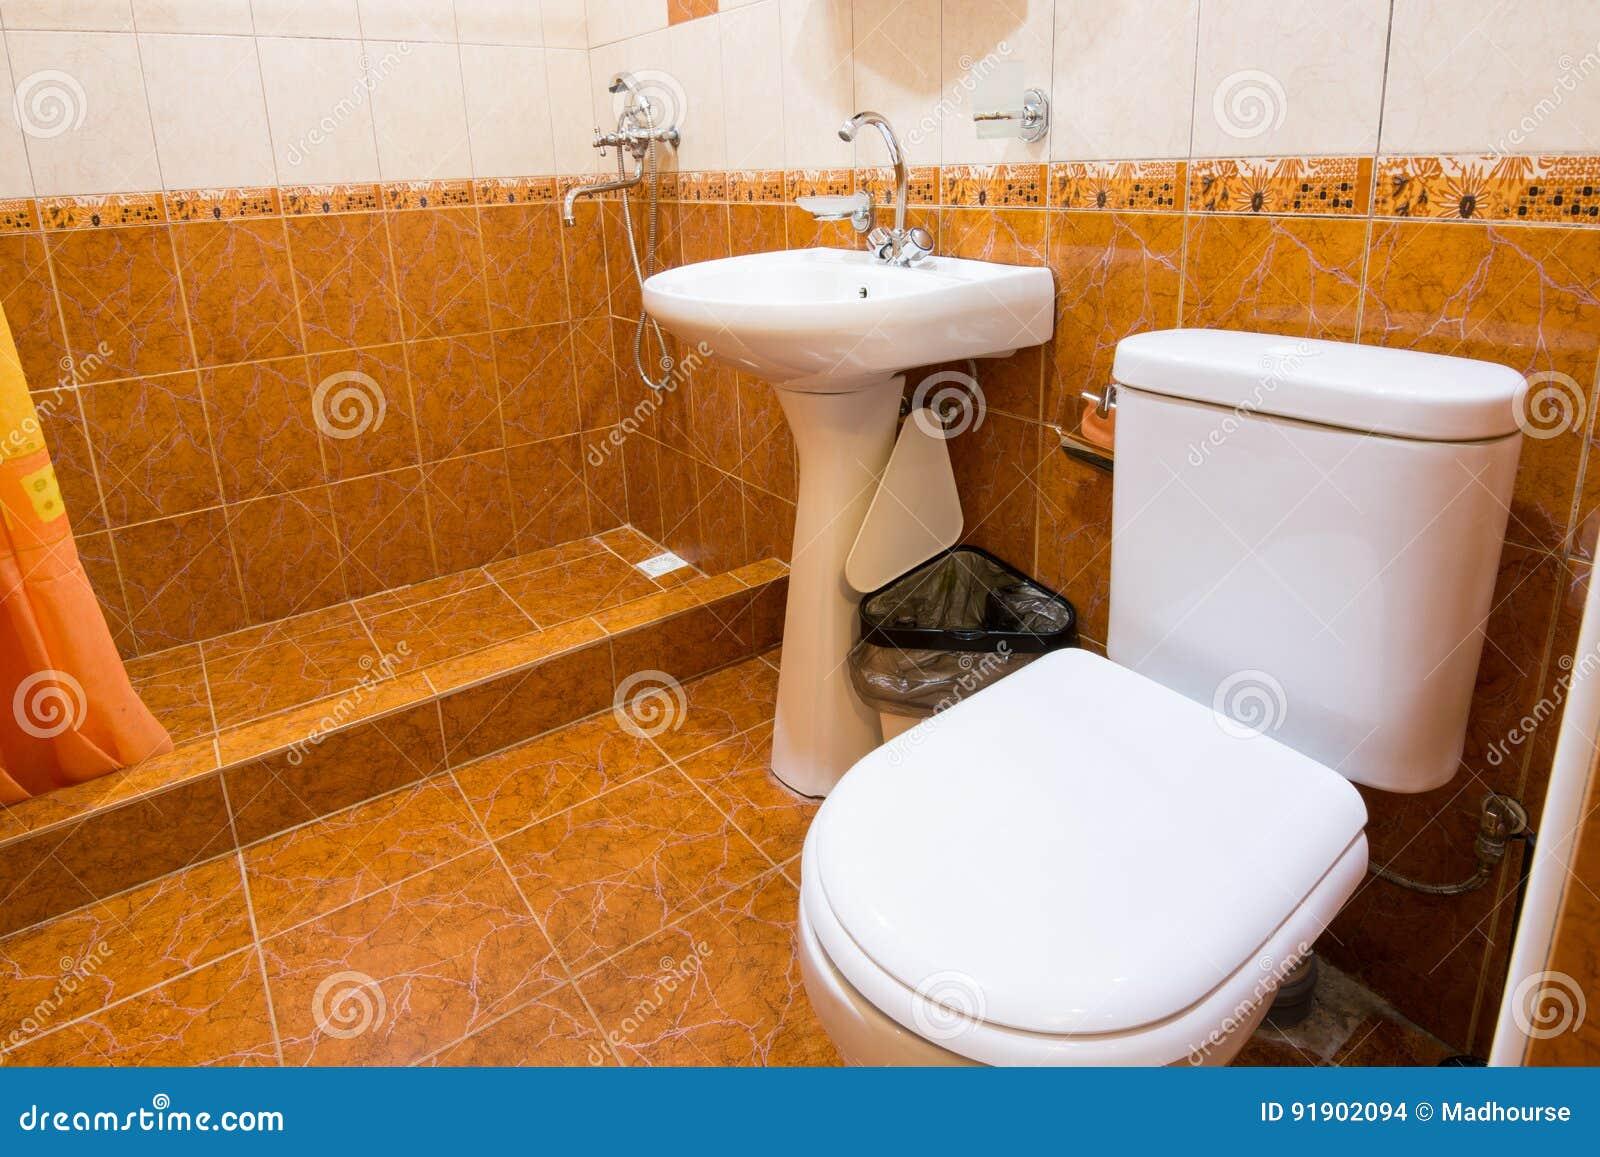 Salle De Bains Ou Toilettes ~ la salle de bains a combin avec la toilette dans l h tel la douche